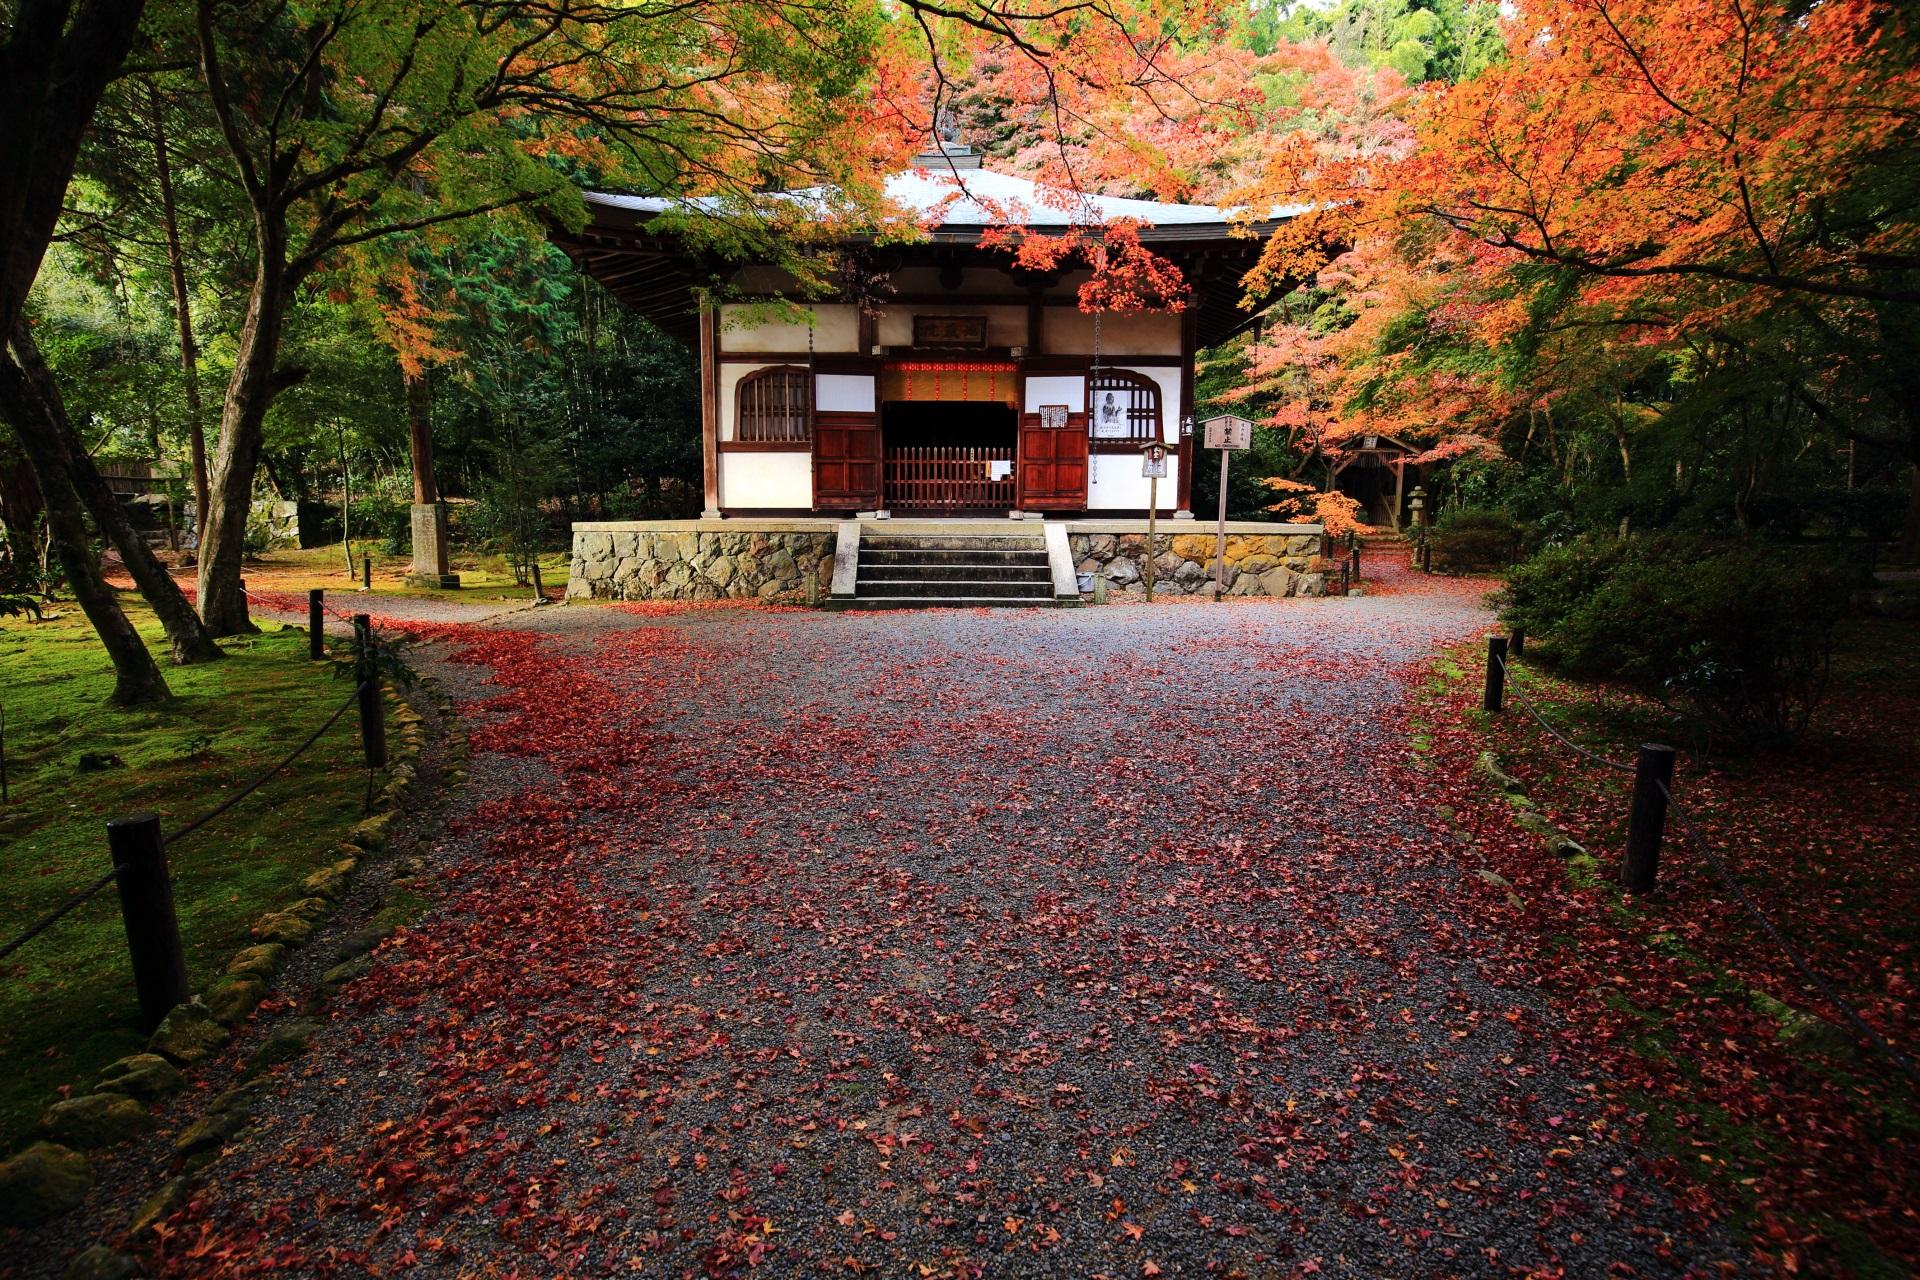 竹の寺地蔵院の情緒ある紅葉と竹と秋の情景